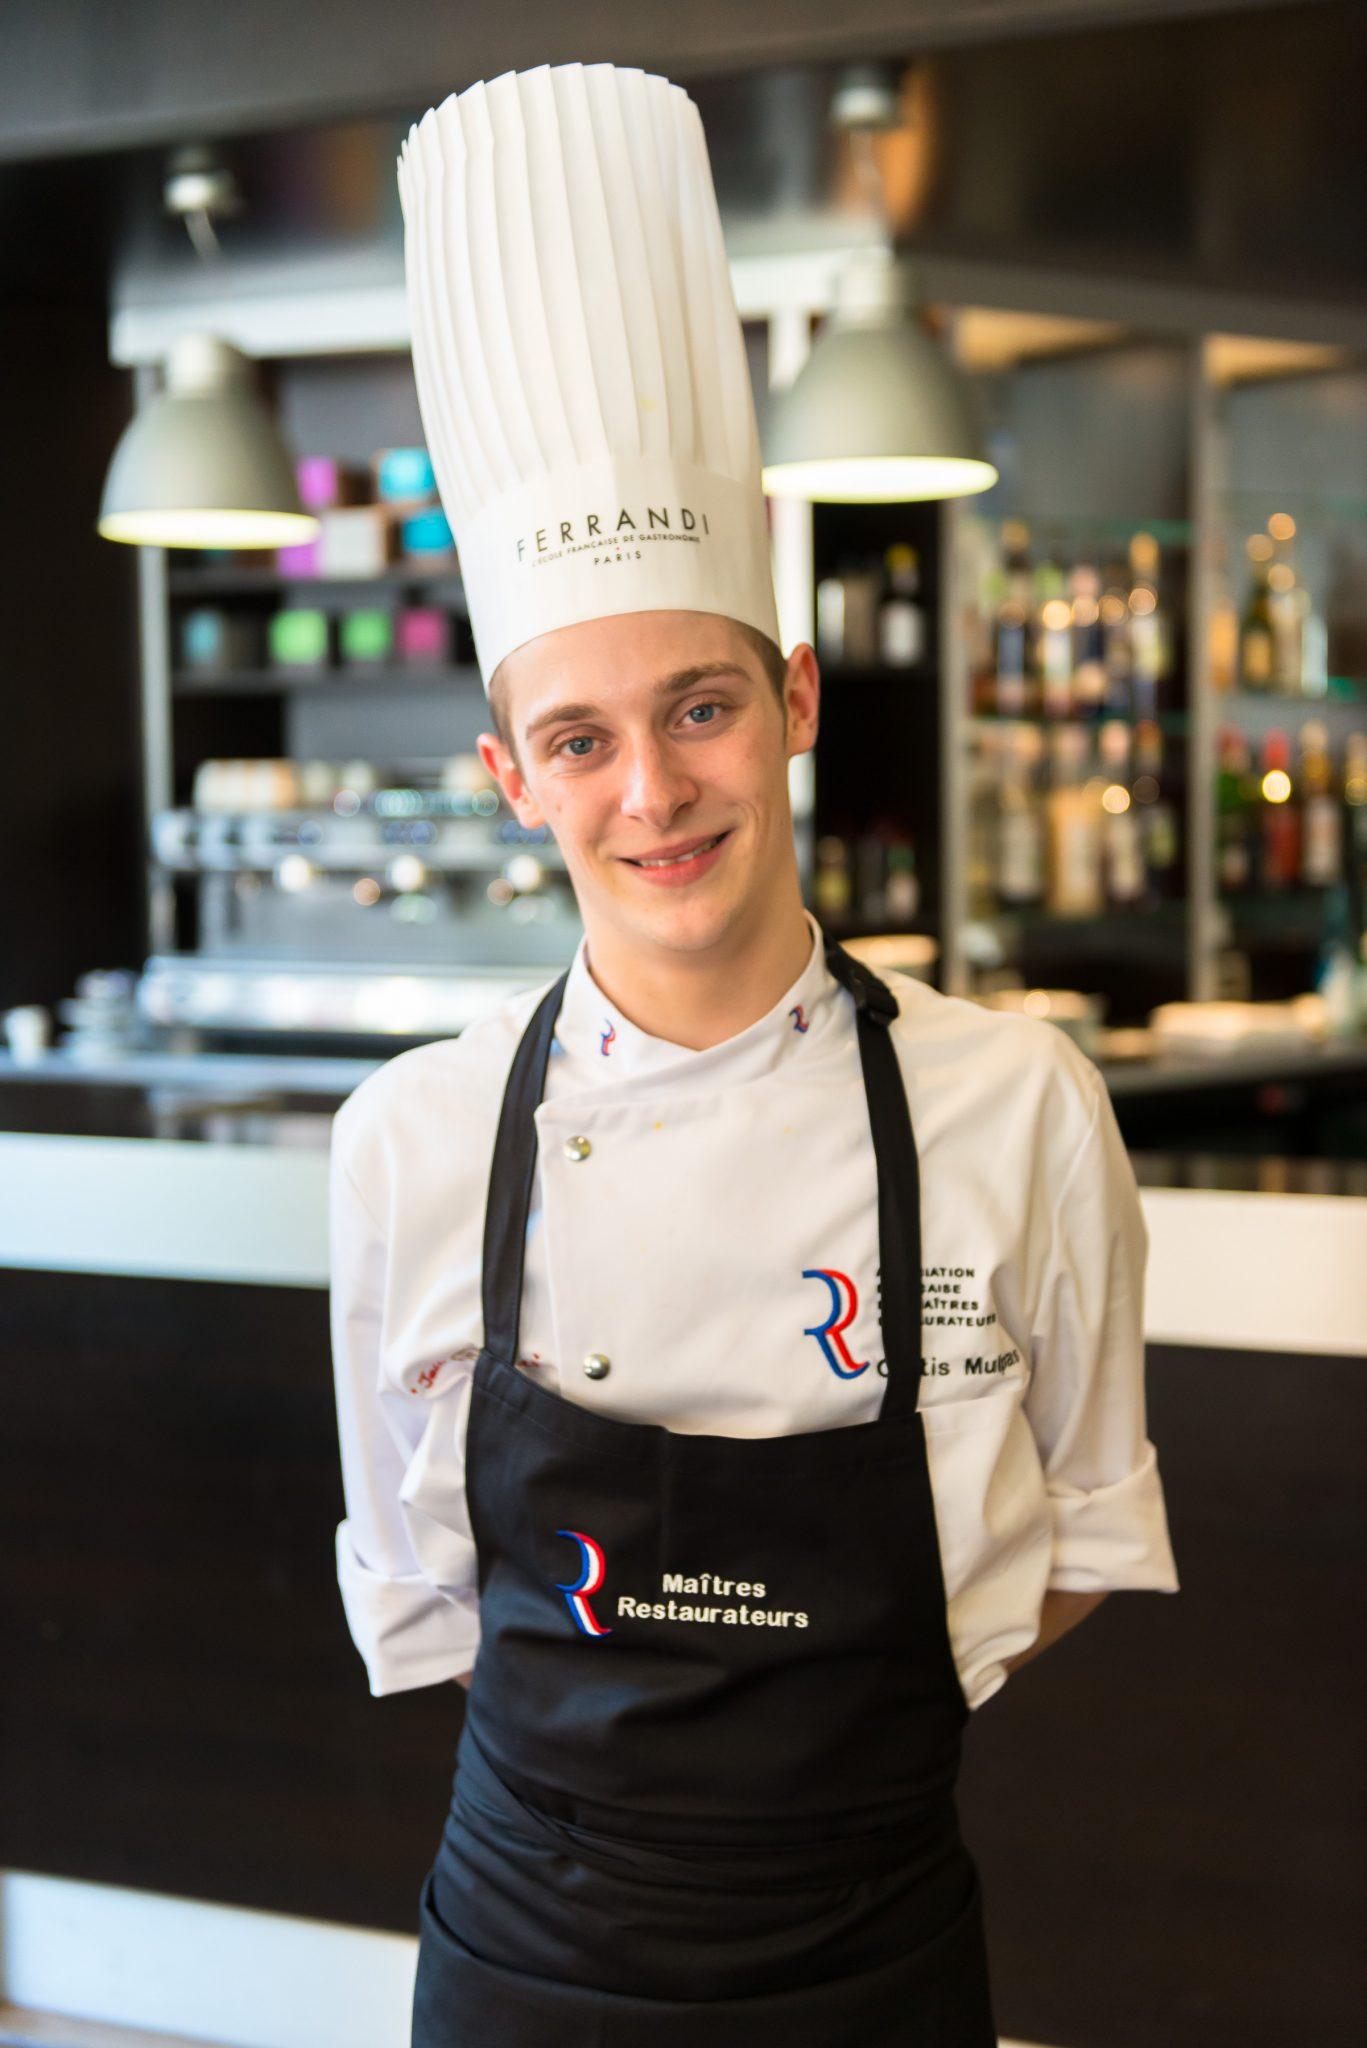 Curtis Mulpas, 18 ans, remporta la 6ème édition du concours Maîtres restaurateurs_© Jean-Louis Vandevivere